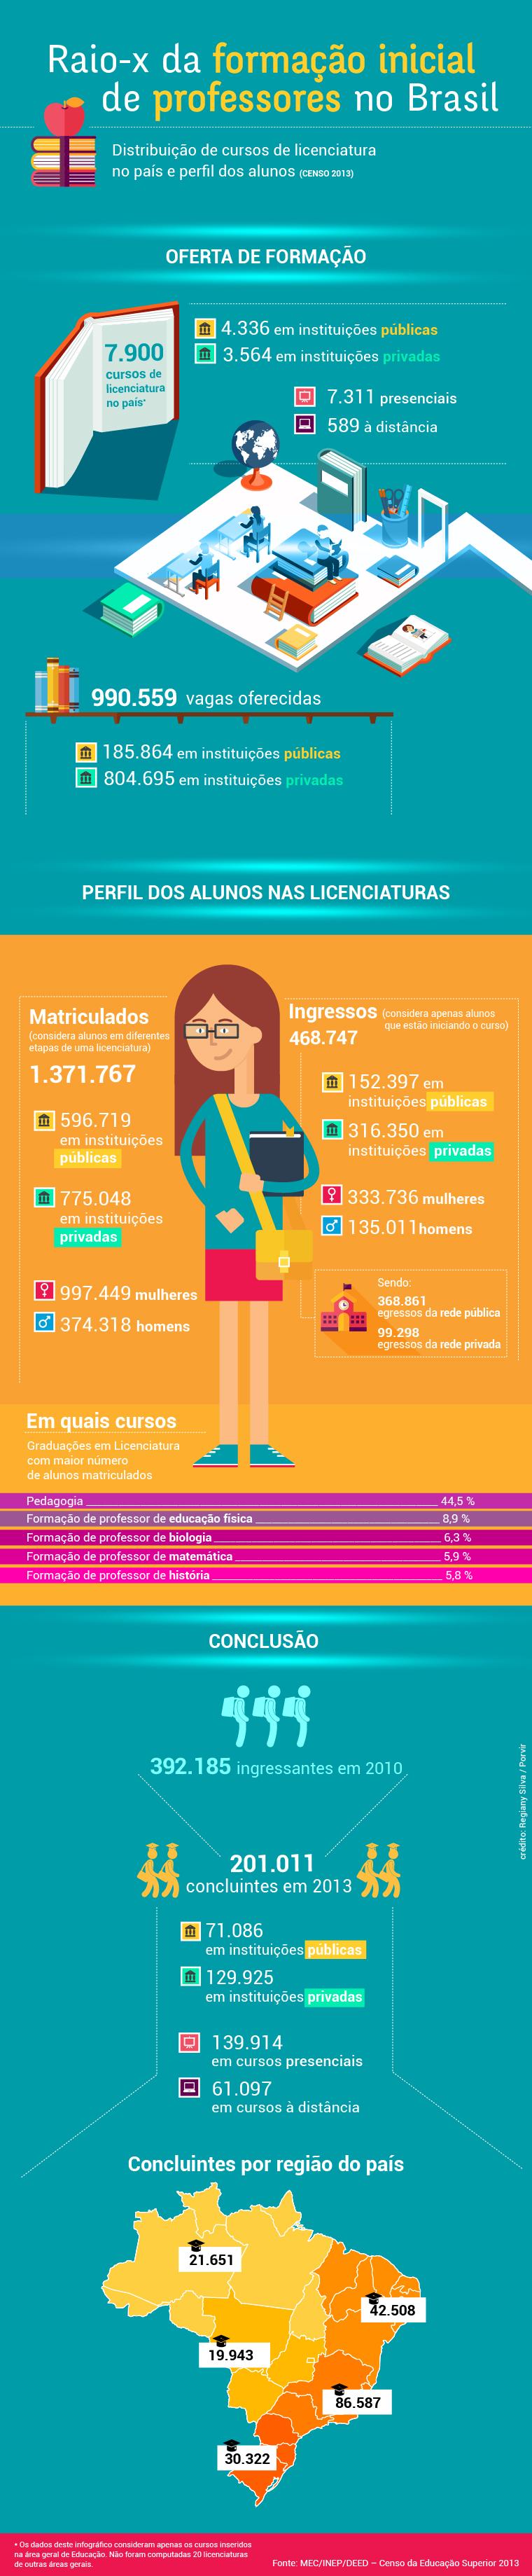 Infográfico mostra o raio-x da formação inicial de professores no Brasil